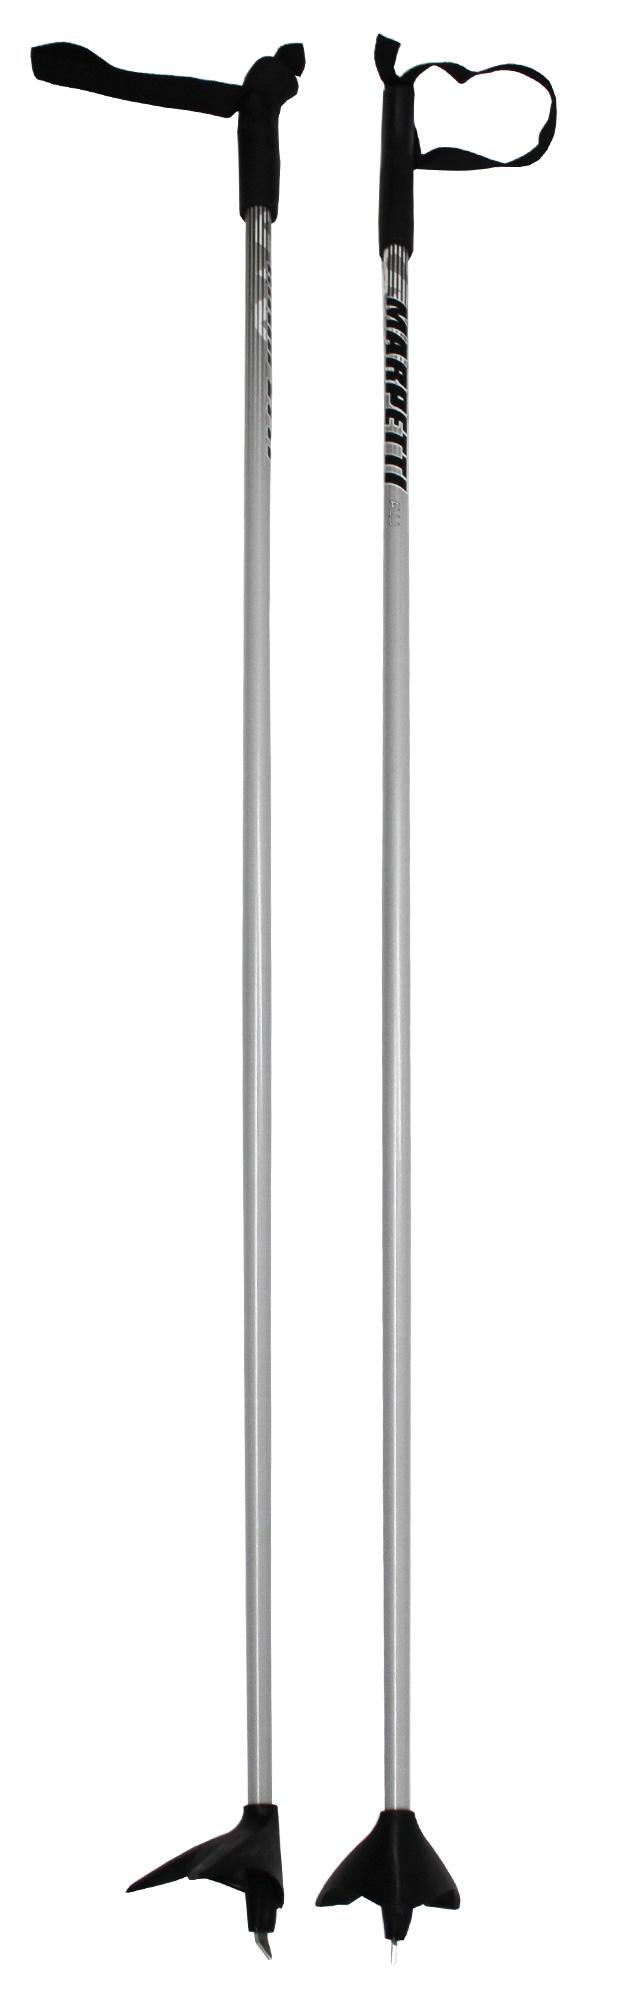 Лыжные палки MARPETTI 2016-17 алюминиевые